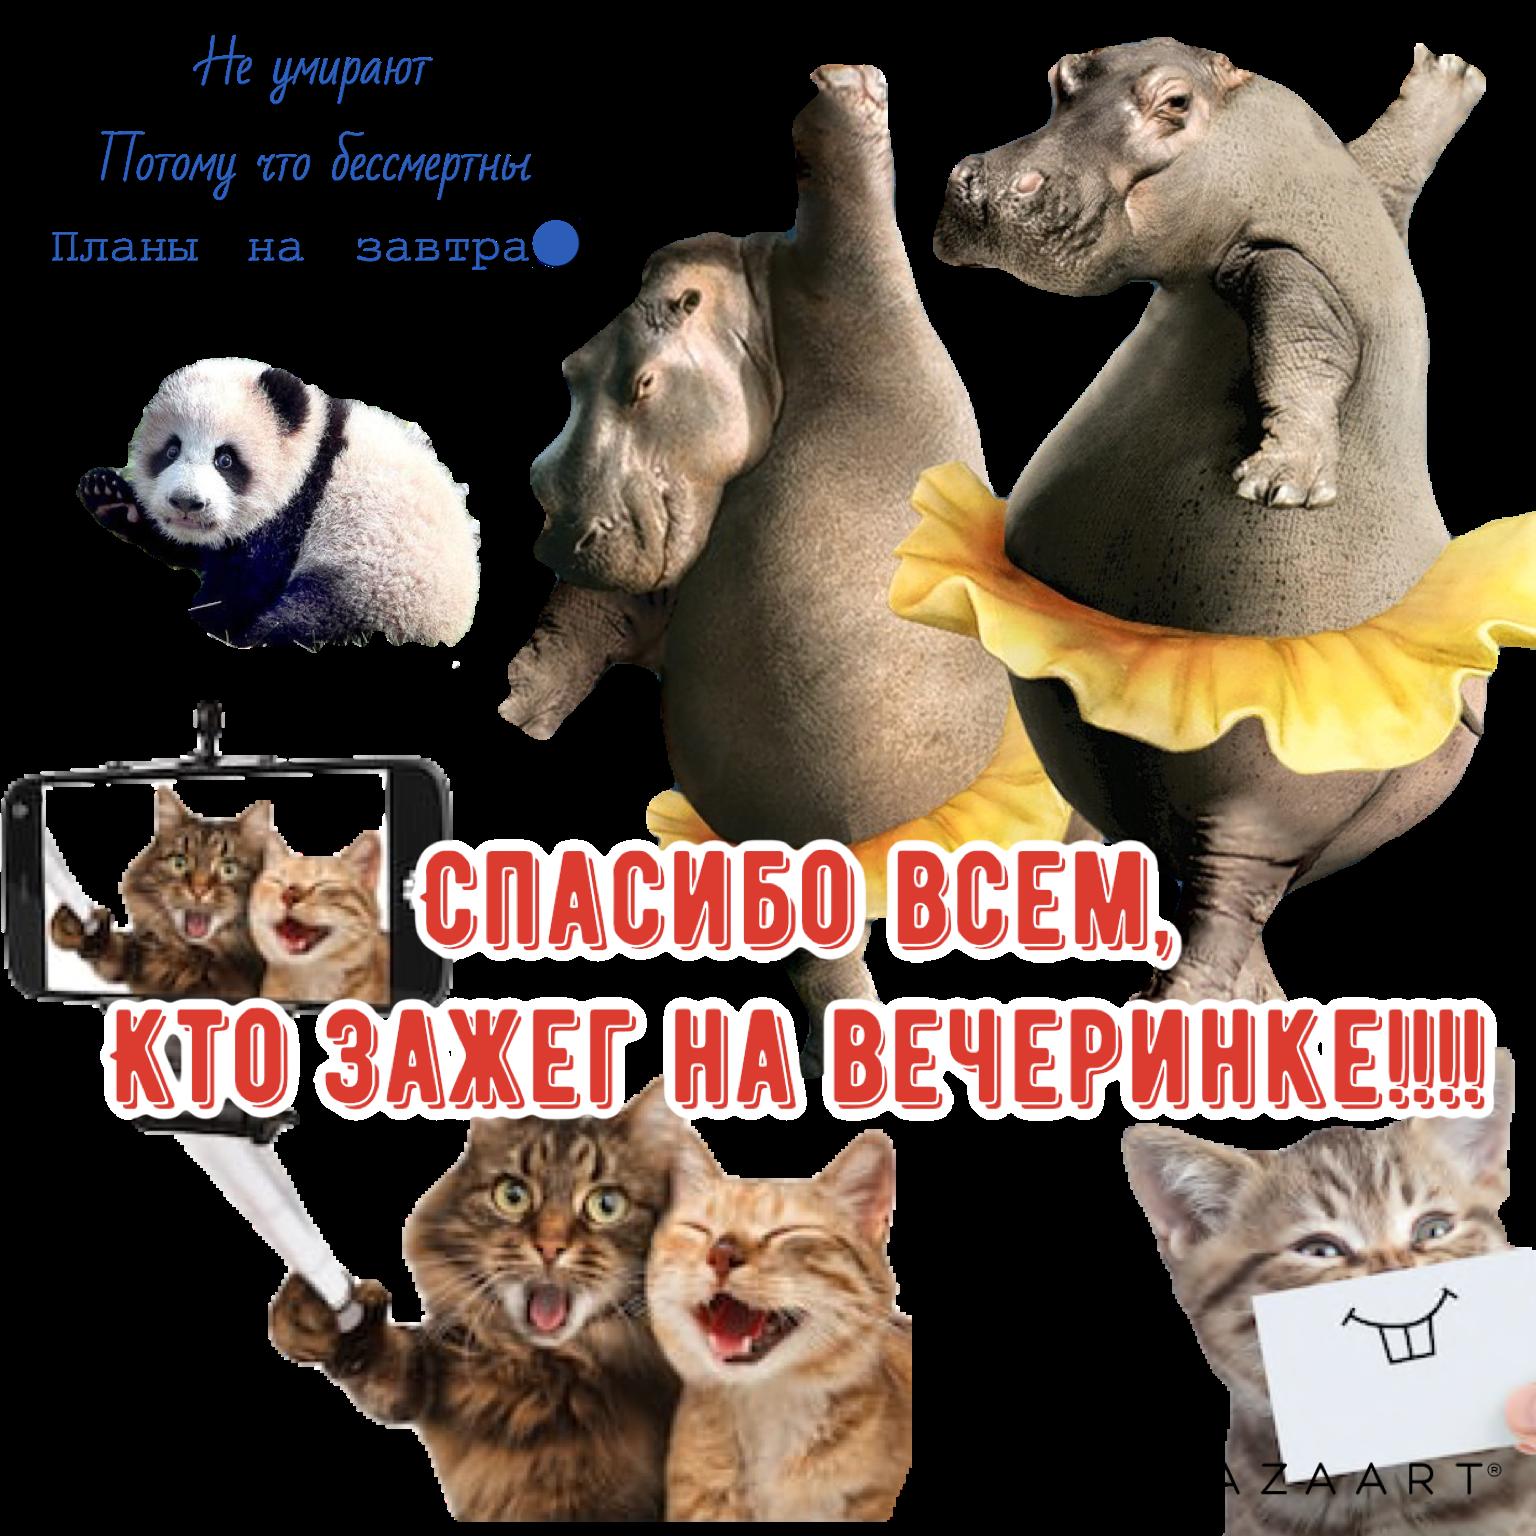 https://i5.imageban.ru/out/2019/04/06/ca09dd4643cfcdcb9ad1d430bf6a82c3.png